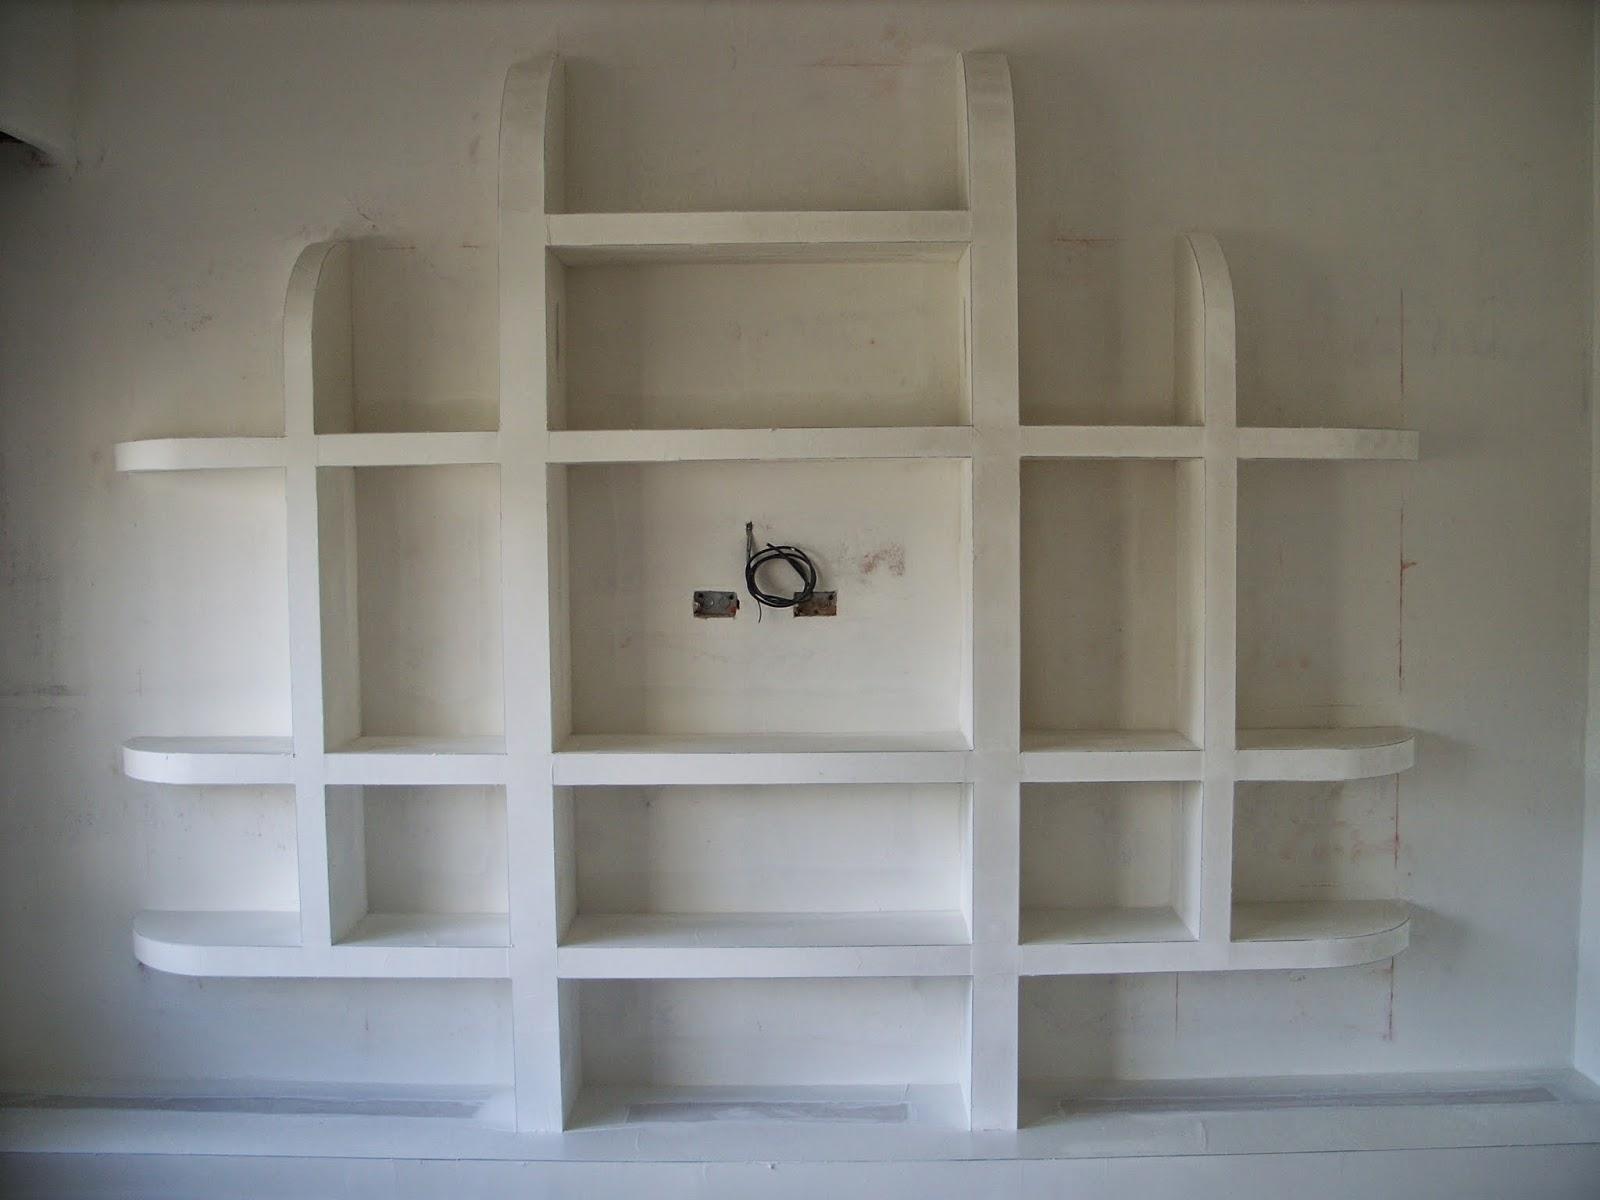 Dise os dise o exclusivo mueble para tv - Fotos muebles para tv ...